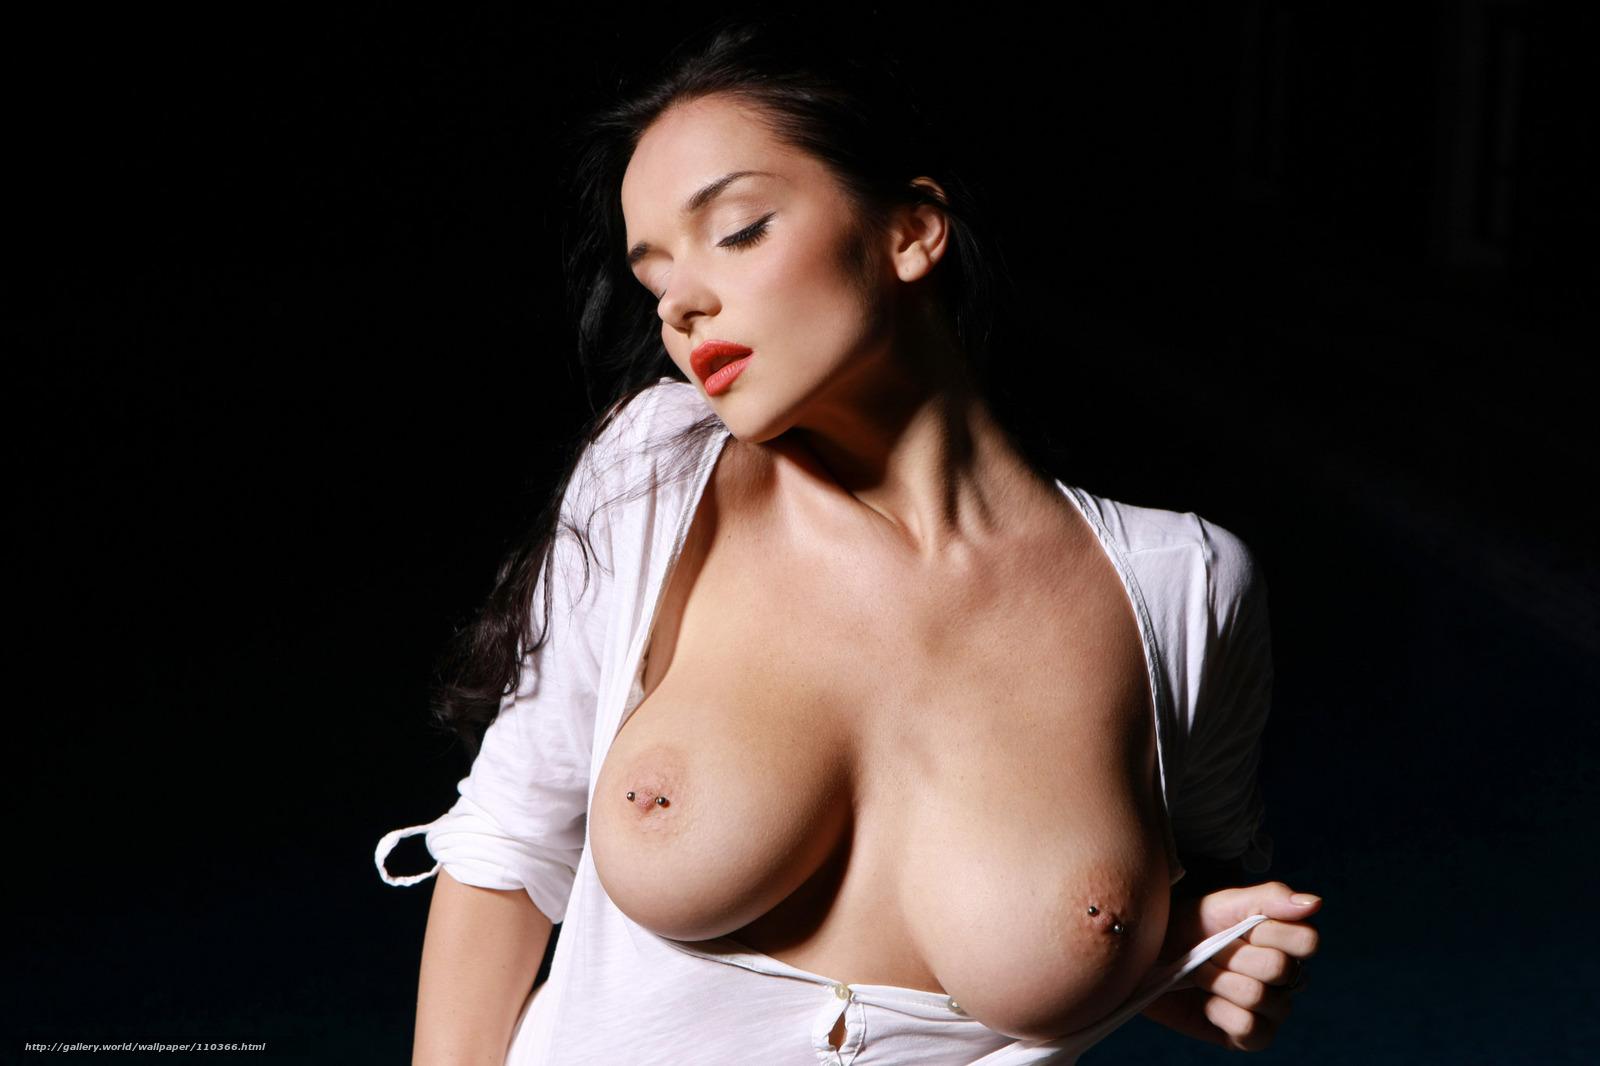 Проститутка с пирсингом сосков фото 398-91